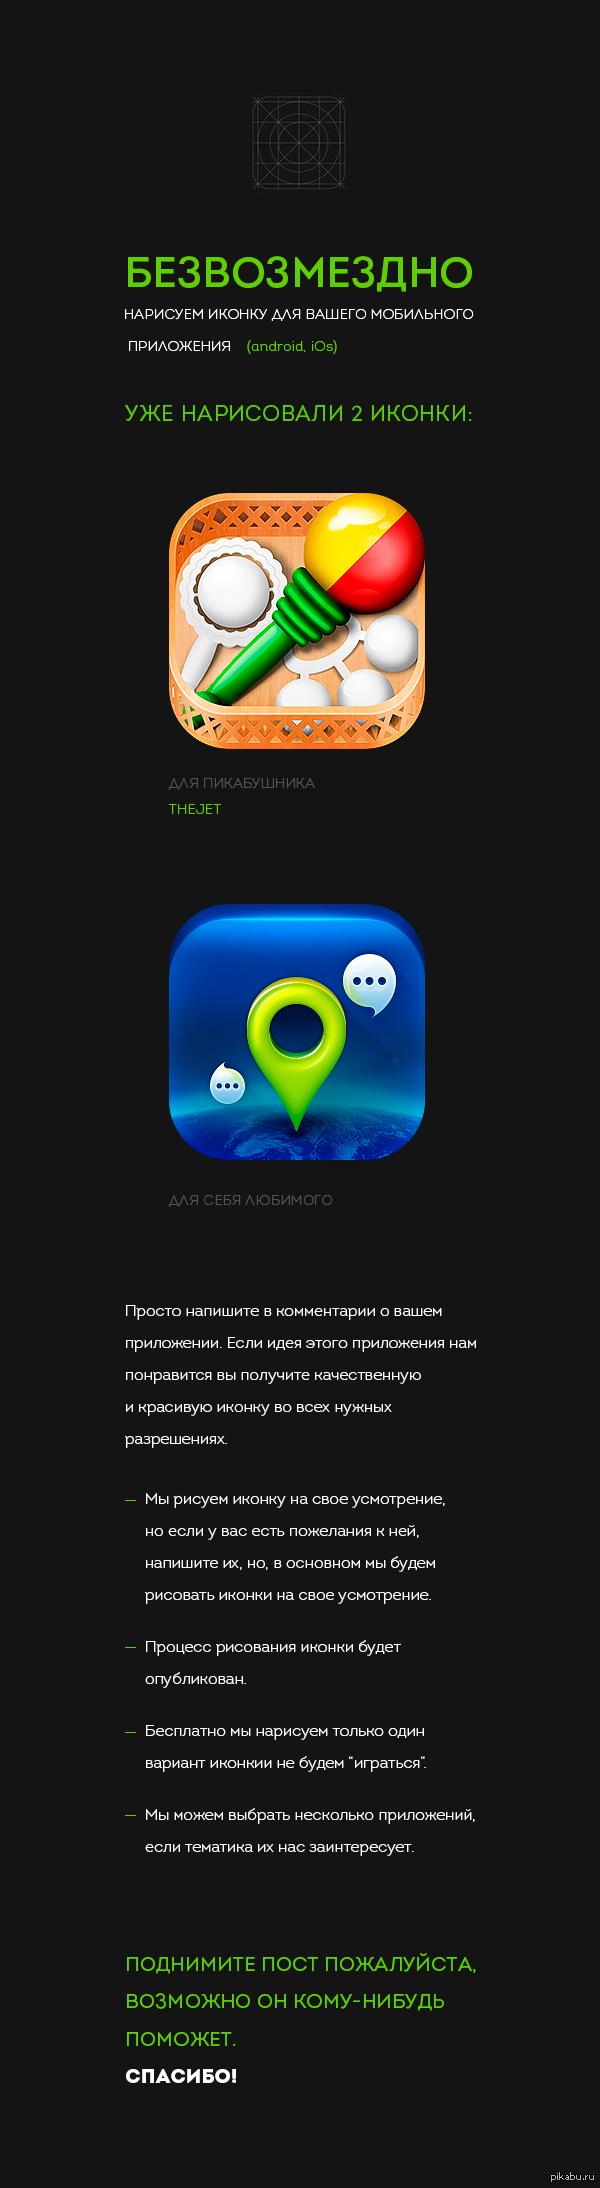 Первая партия бесплатных иконок Готовы рисовать еще, пишите, если приложения нам понравятся, у вас будут иконки